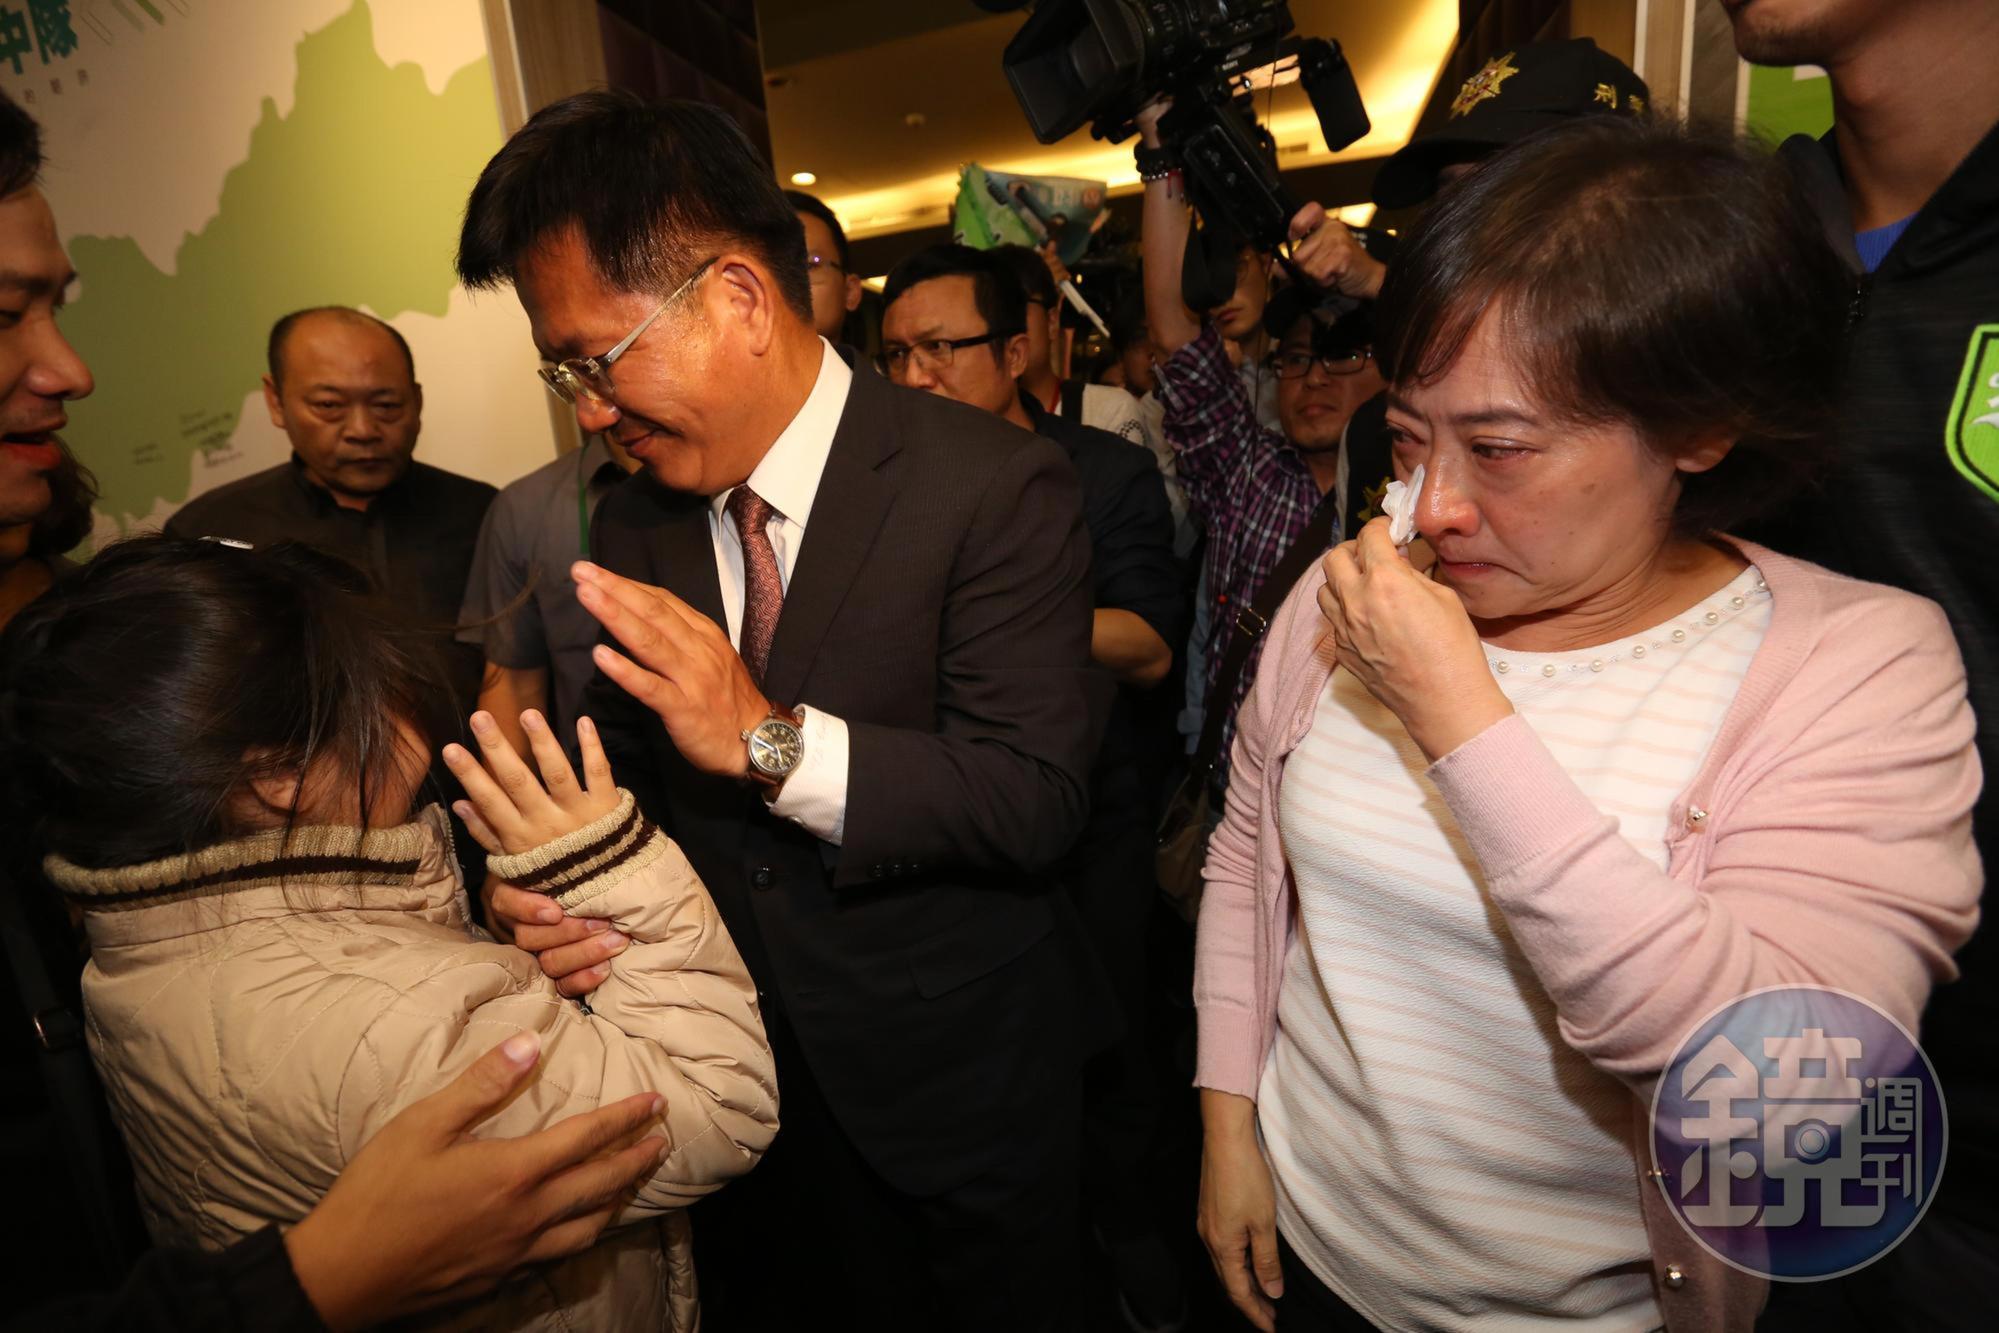 林佳龍發表敗選感言後,妻子廖婉如痛哭拭淚,兩人在支持者加油聲中離場。